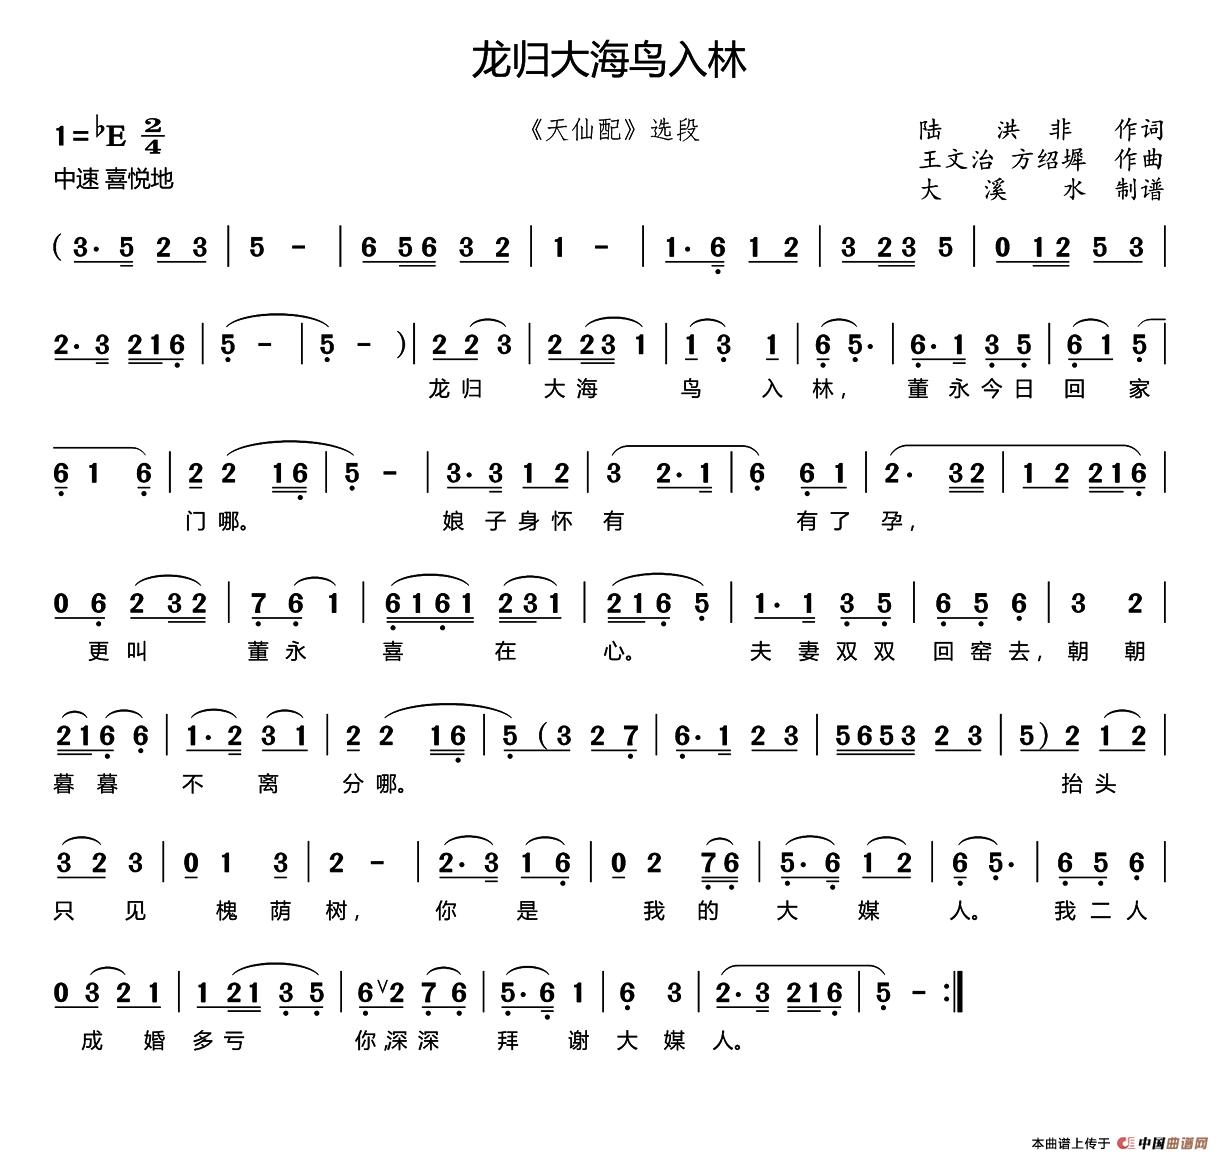 龙归大海鸟入林(《天仙配》董永唱段、大溪水制谱版)(1)_原文件名:75.png